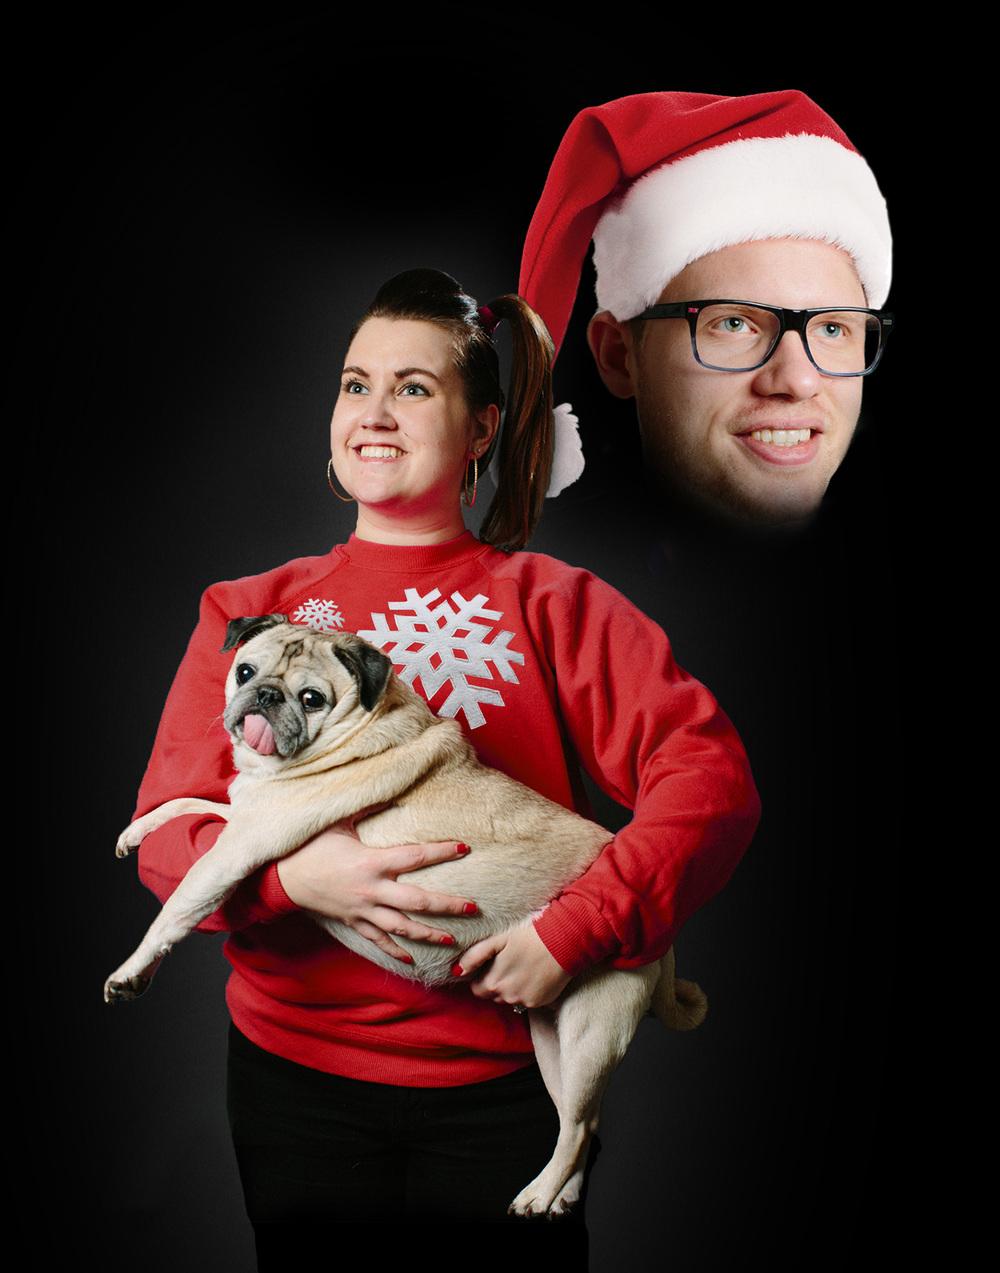 Awkward Christmas Card With Dog